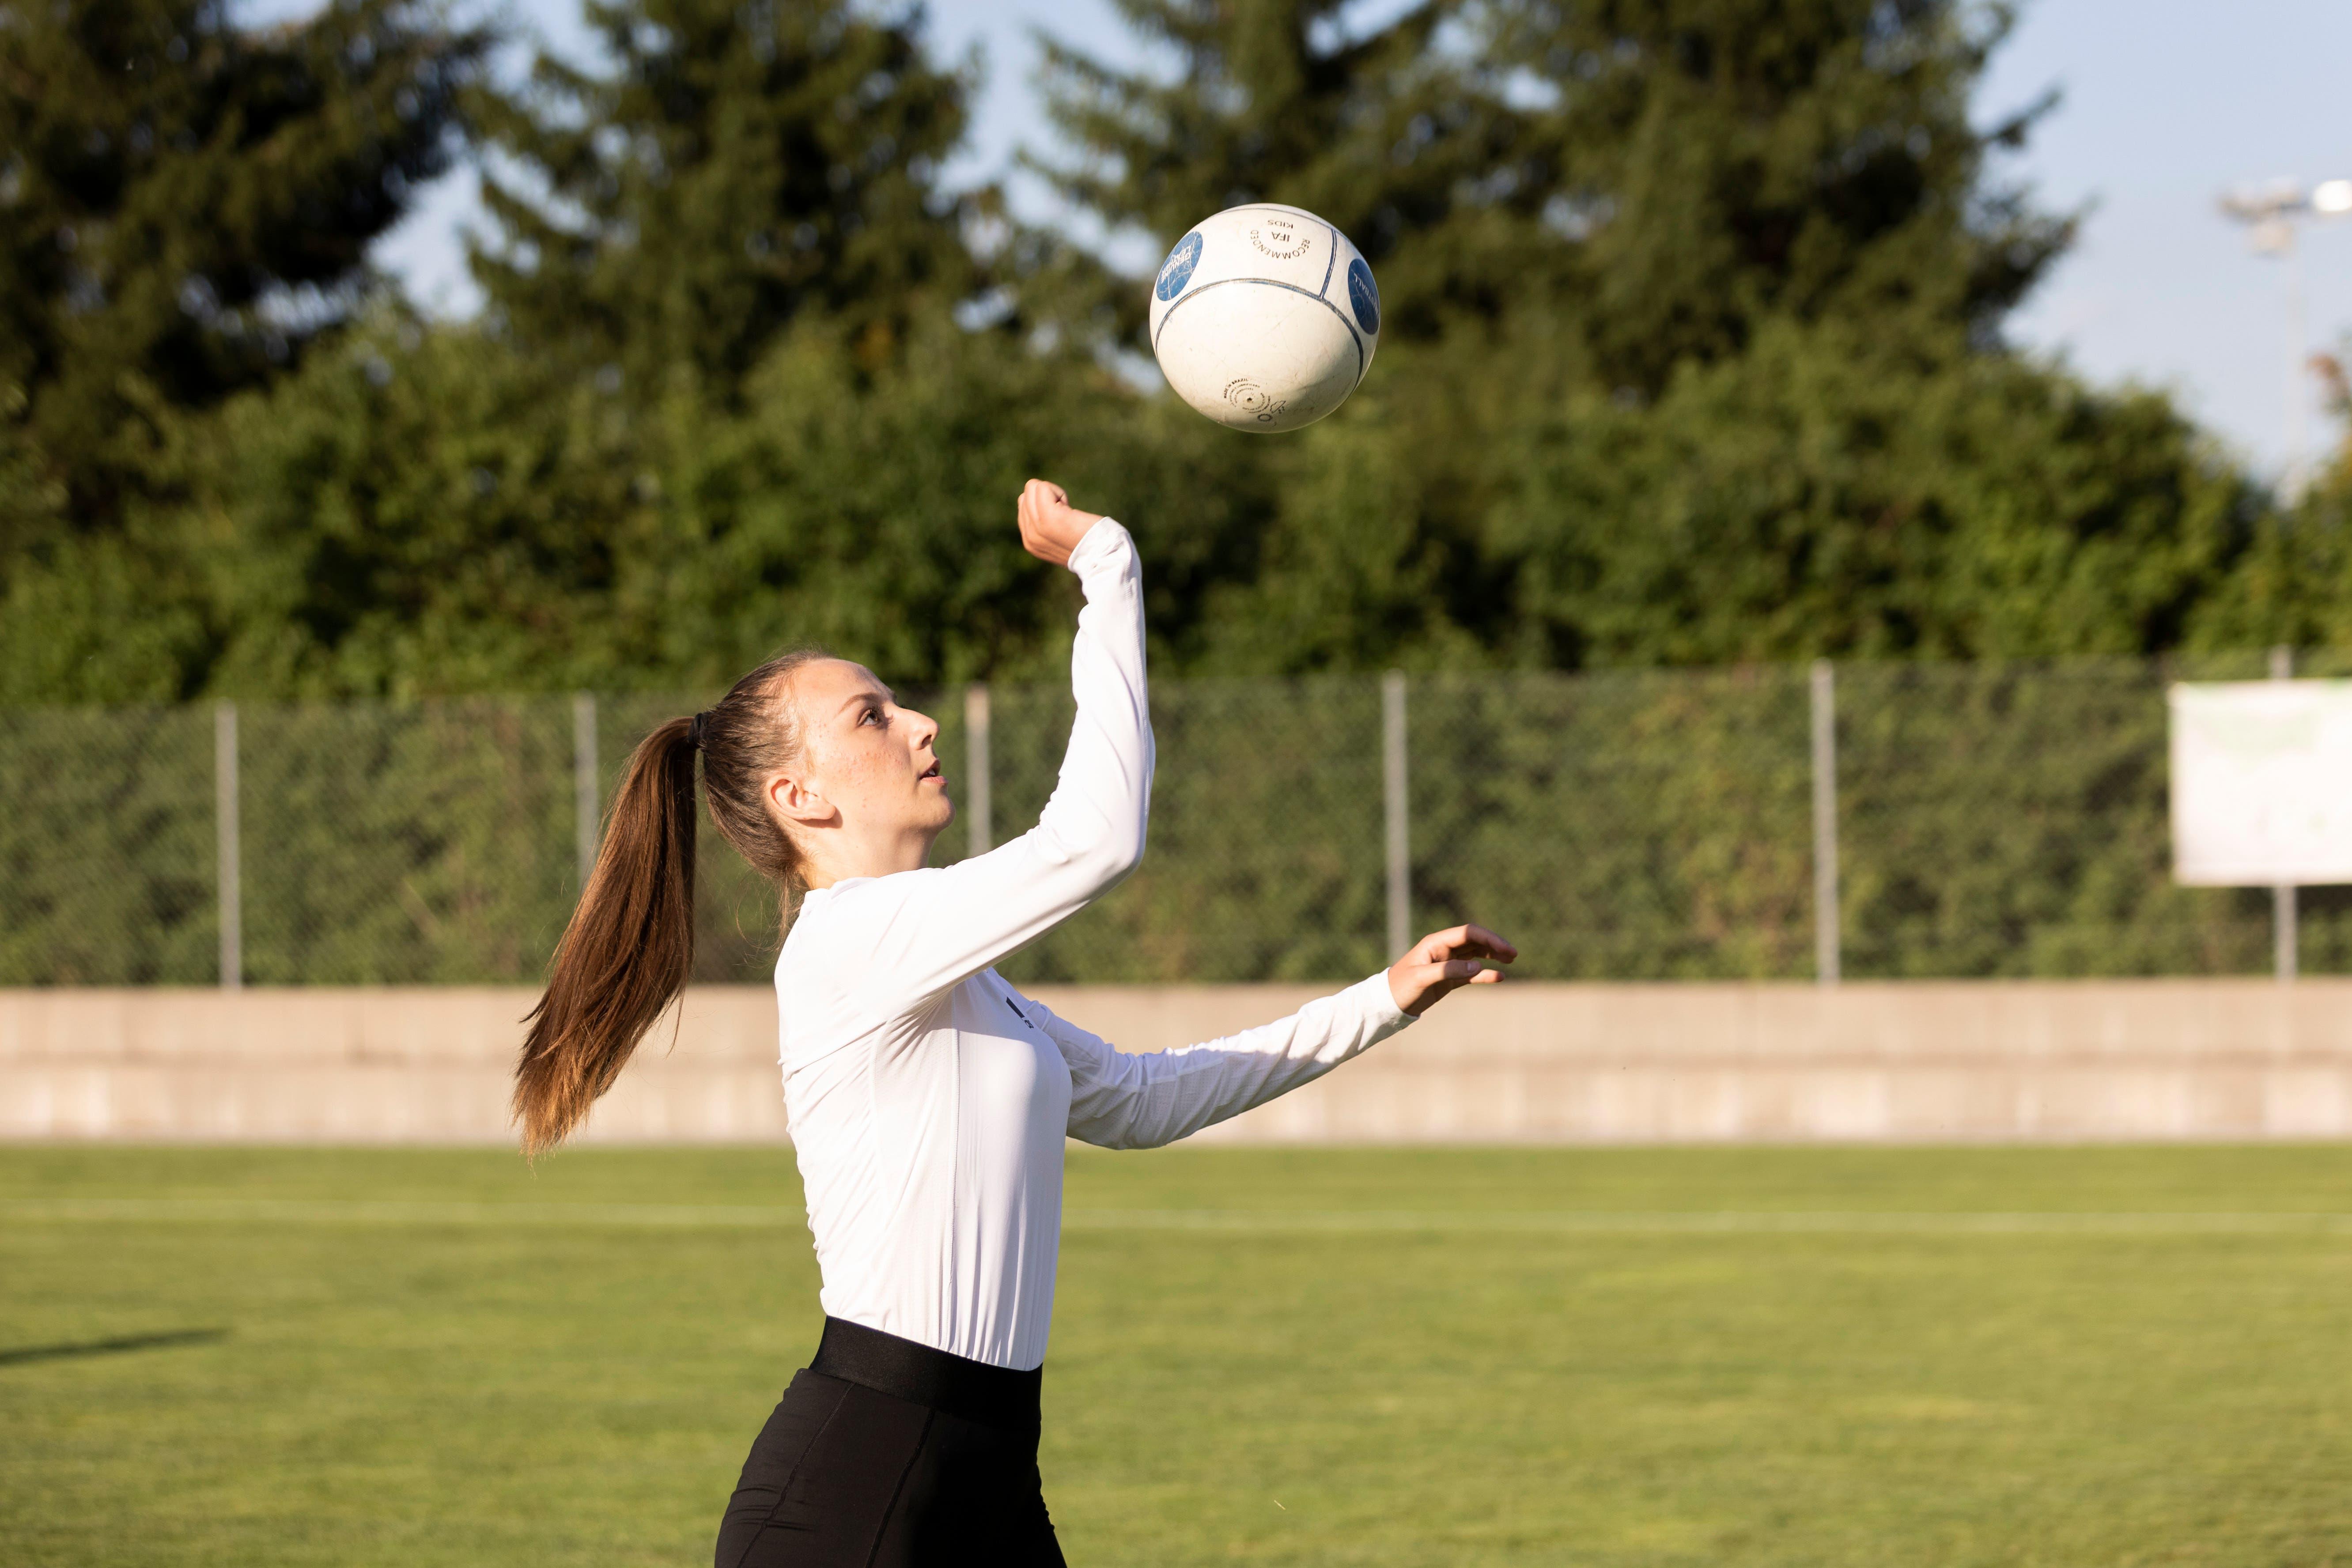 Lange Ärmel trotz strahlendem Sonnenschein: Lana trägt wie die meisten Faustballerinnen langärmlige Kleidung, um sich vor dem Aufschlag des harten Balls zu schützen.